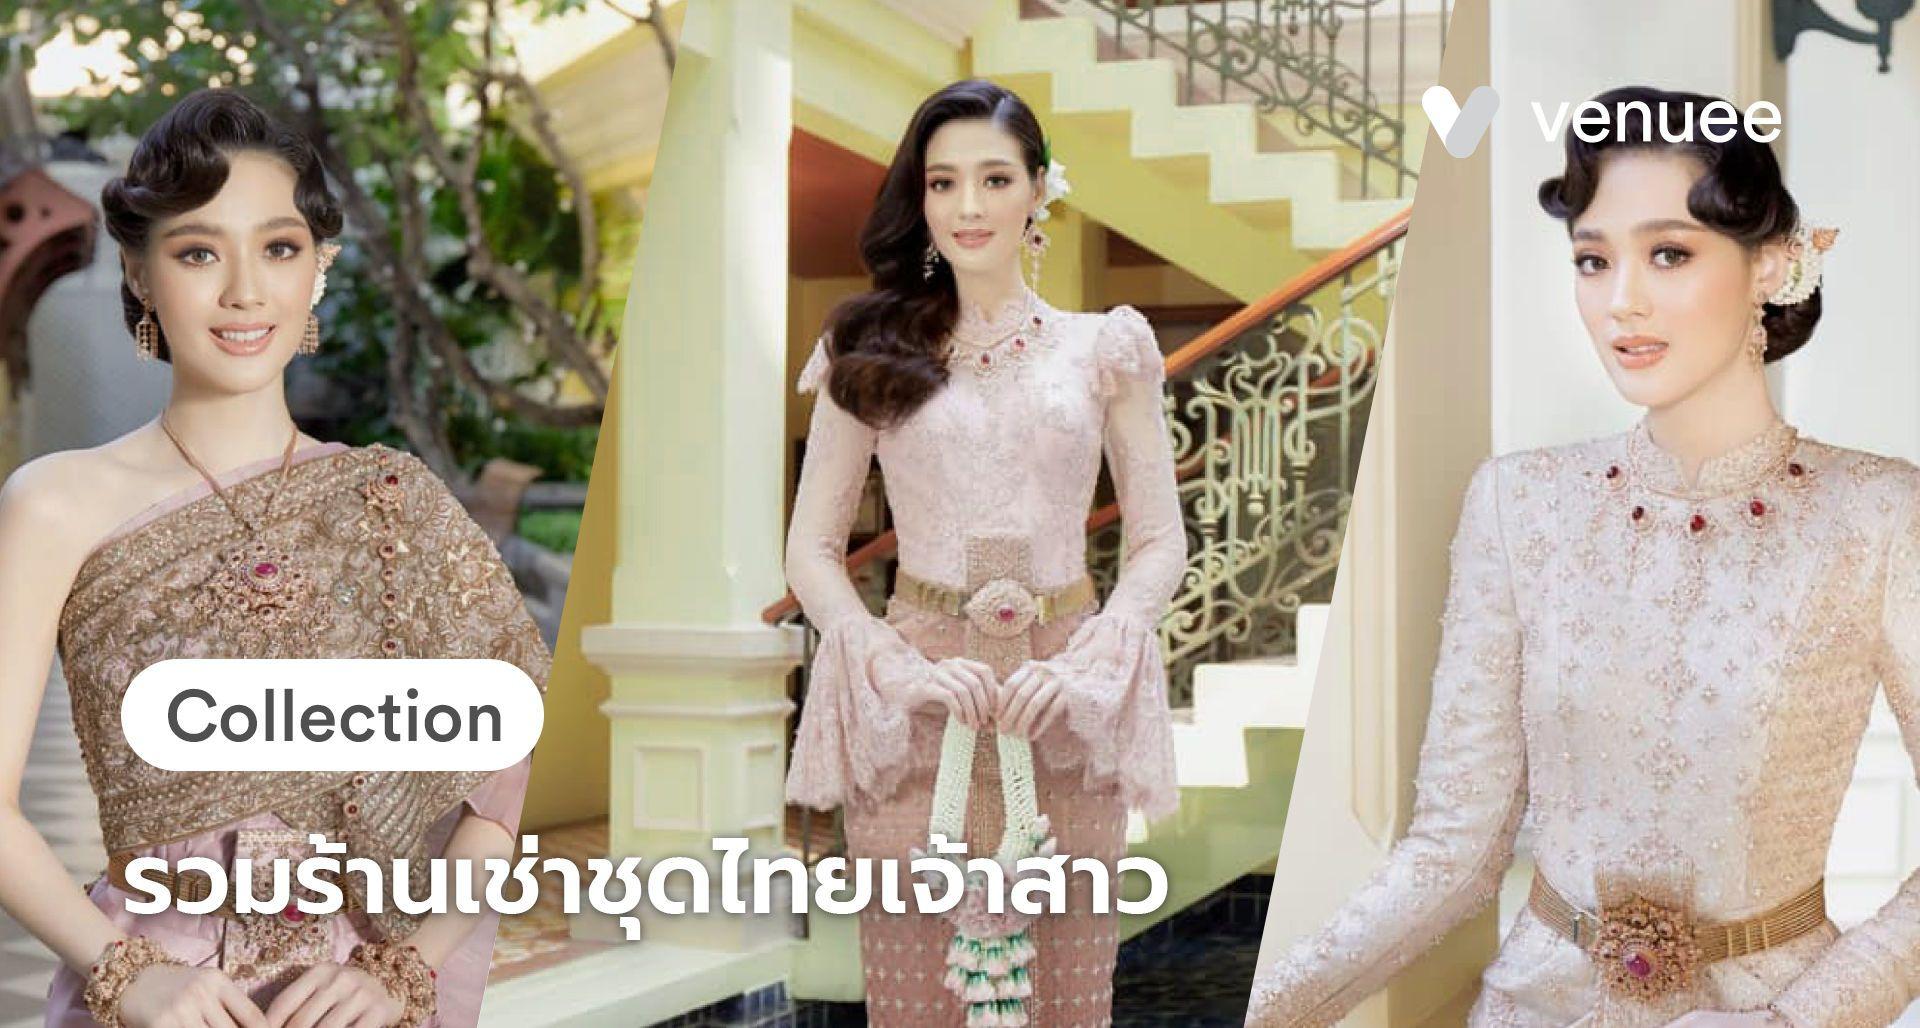 รวม ร้านเช่าชุดไทยเจ้าสาว สวยสง่า ราคาสบายกระเป๋า